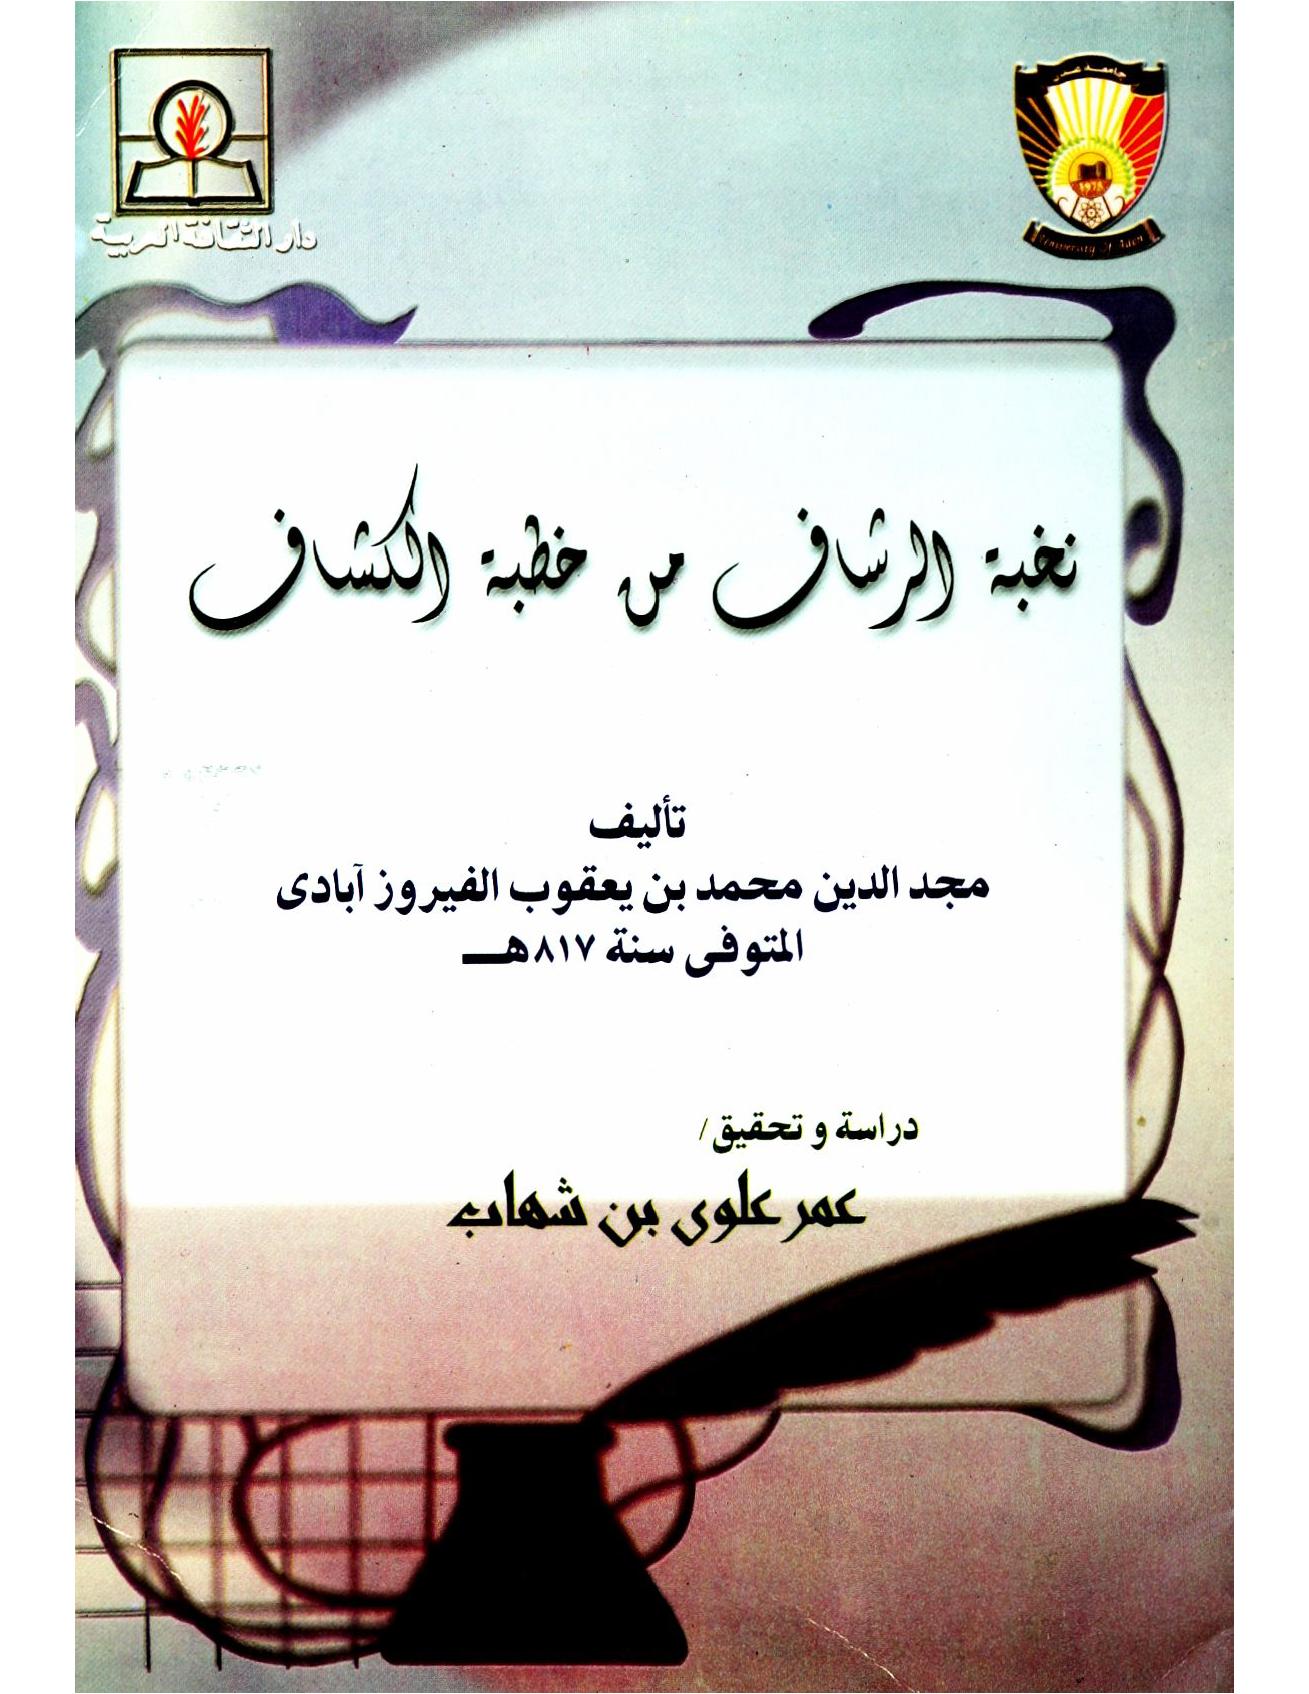 تحميل كتاب نخبة الرشاف من خطبة الكشاف لـِ: الإمام مجد الدين أبو طاهر محمد بن يعقوب الفيروزآبادي (ت 817)